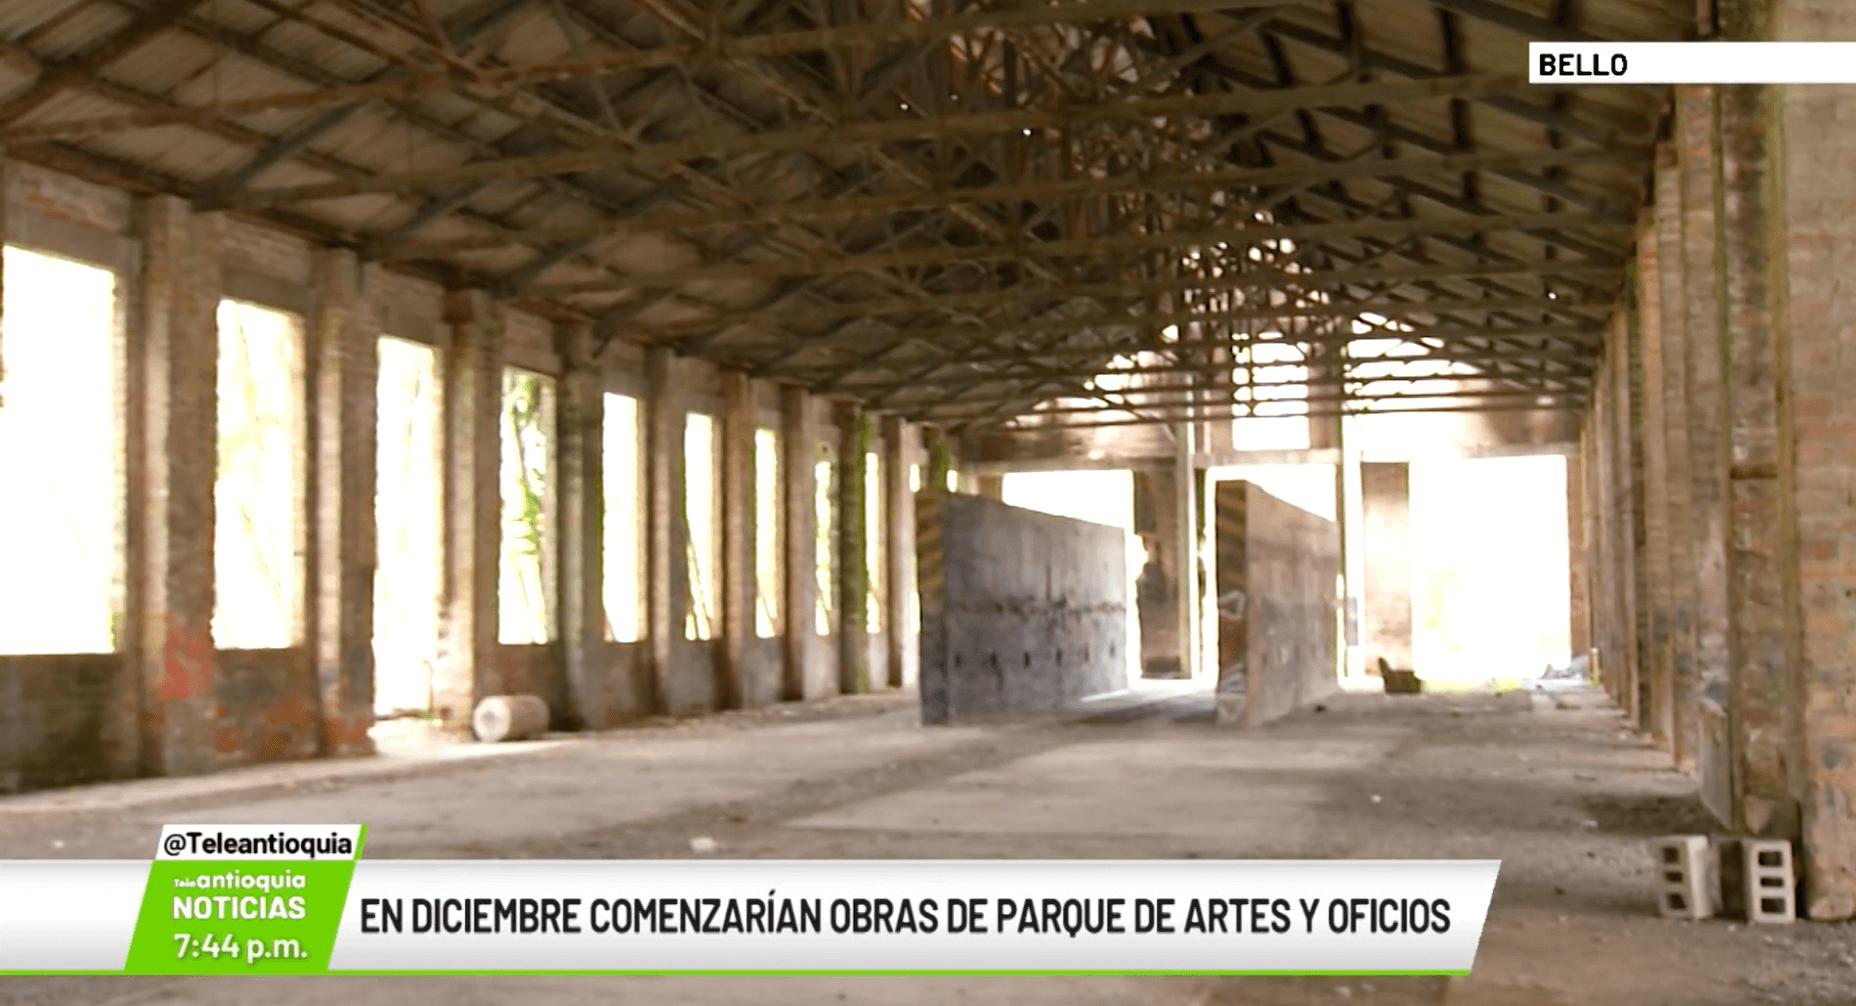 En diciembre comenzarán obras de Parques de Artes y Oficios